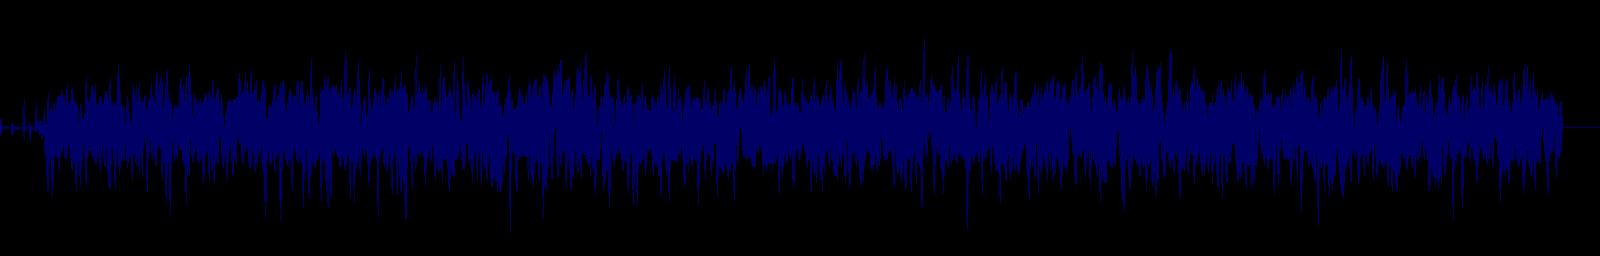 waveform of track #101786